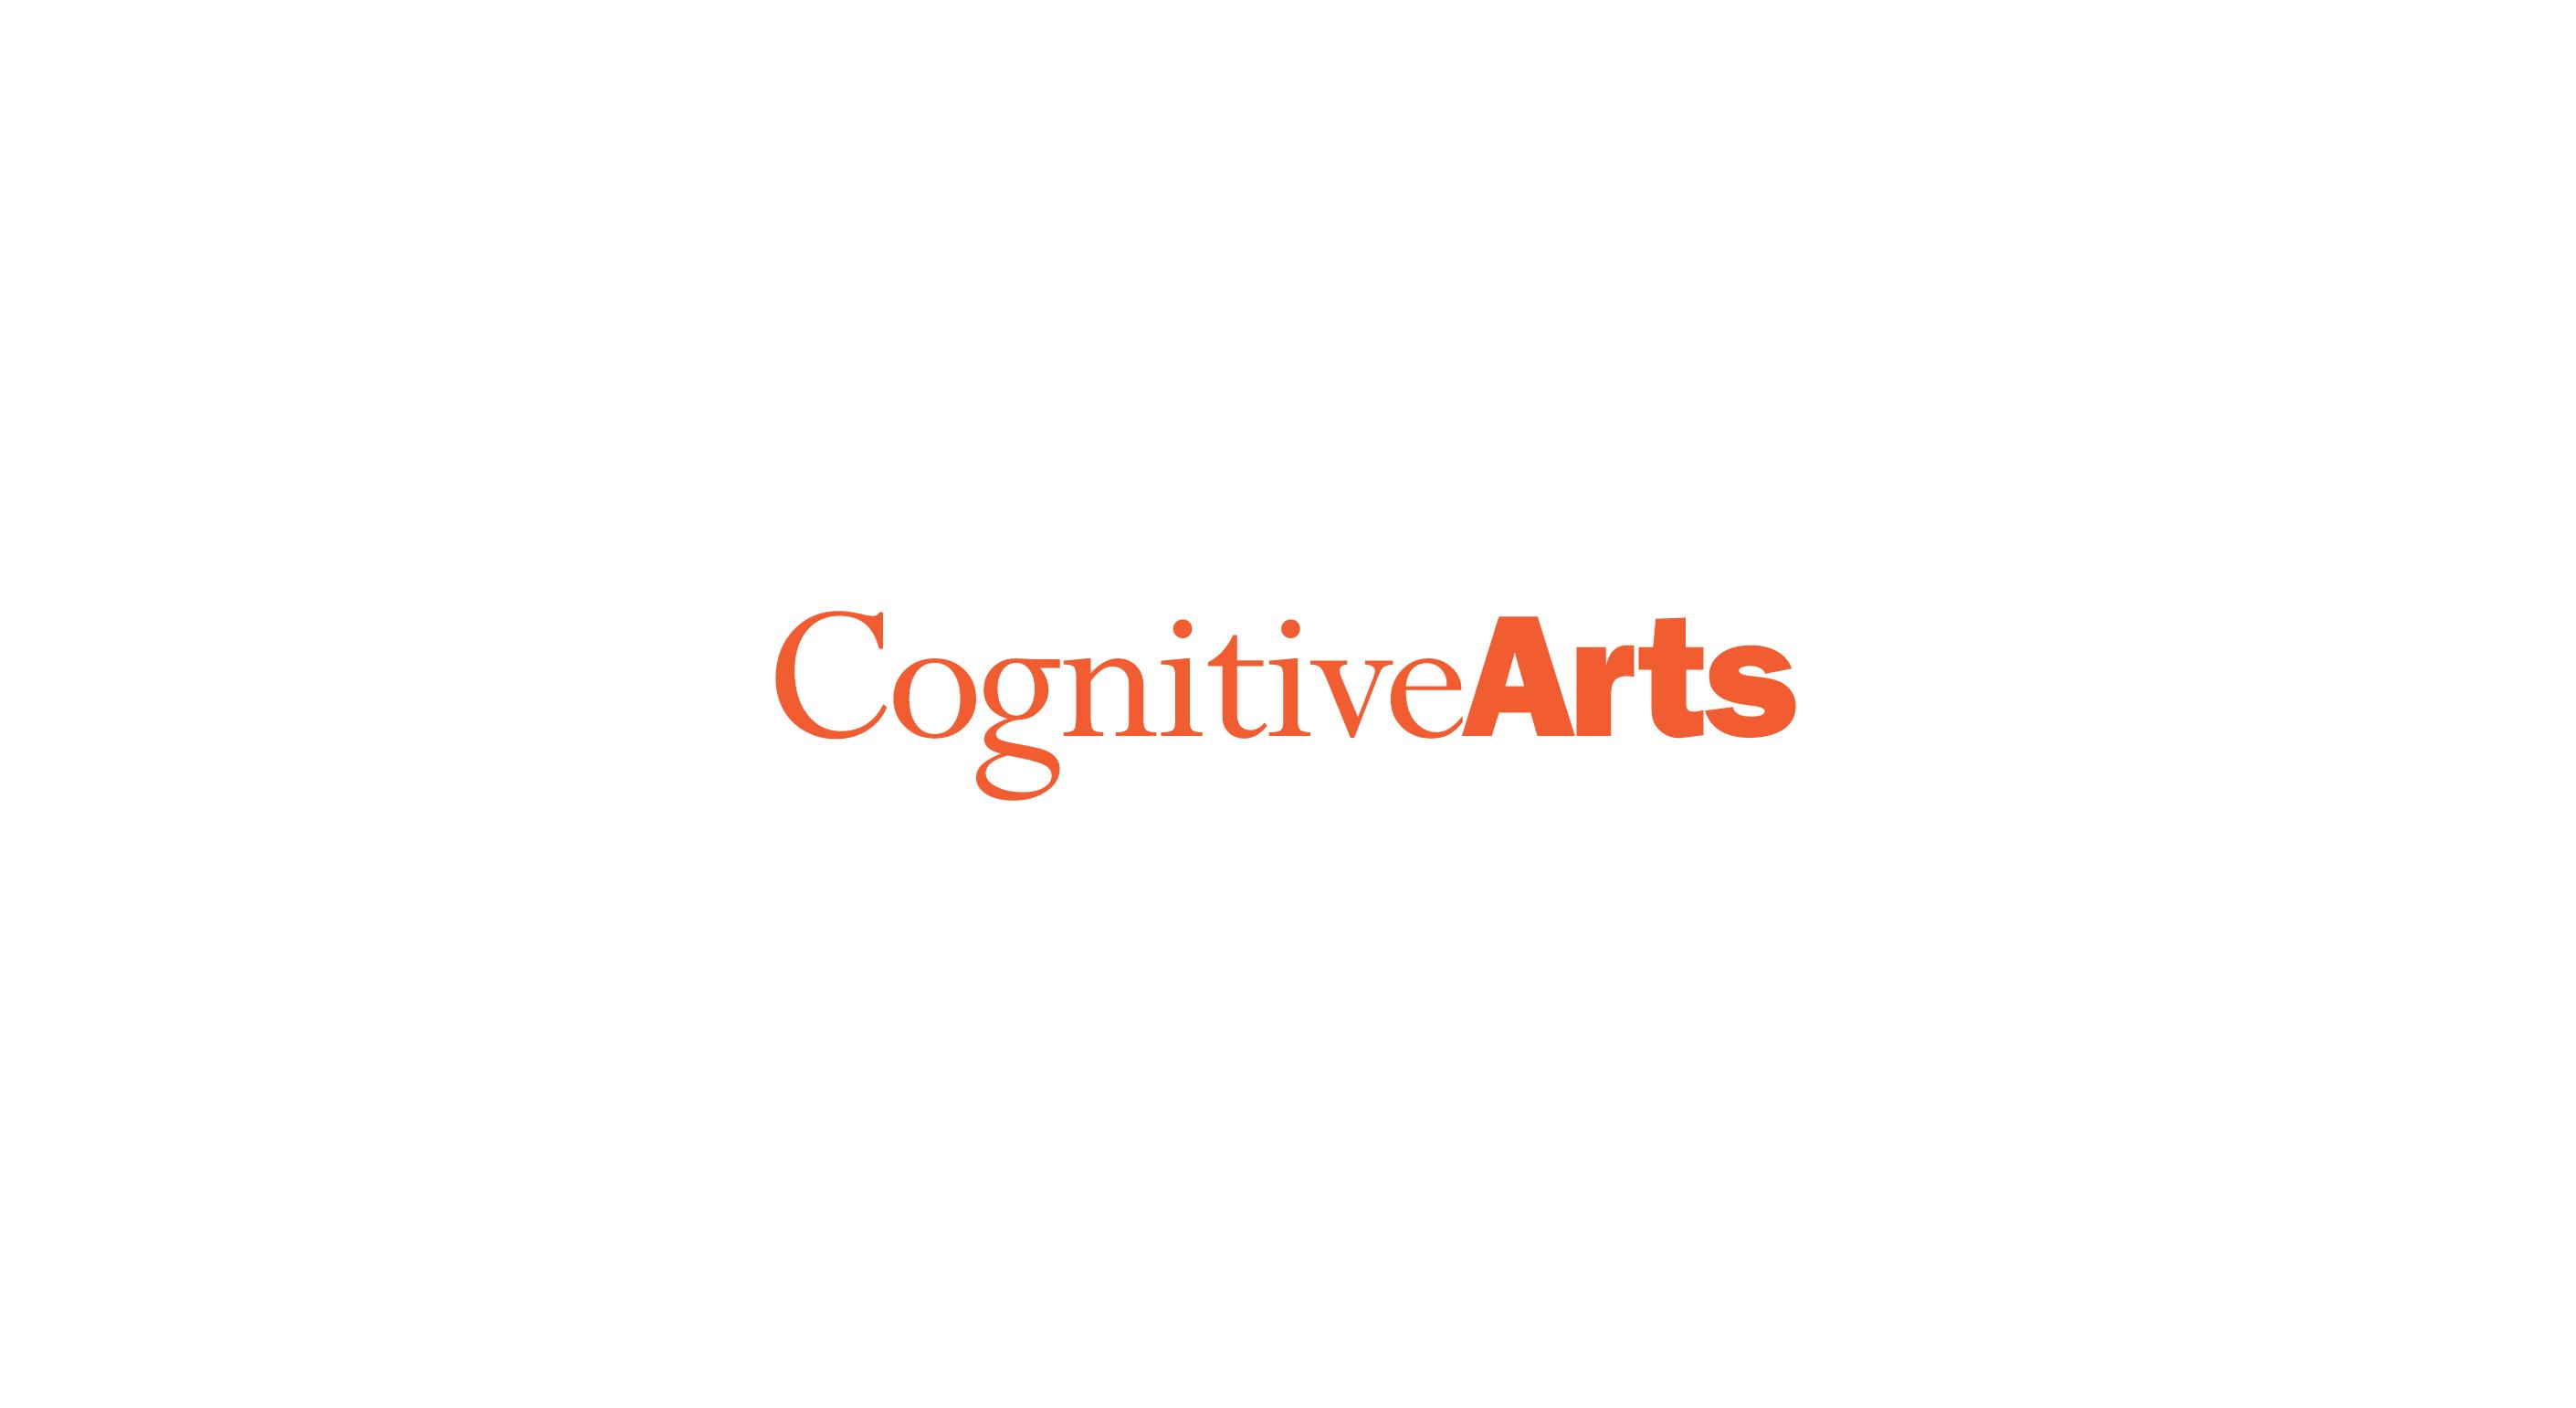 CognitiveArts